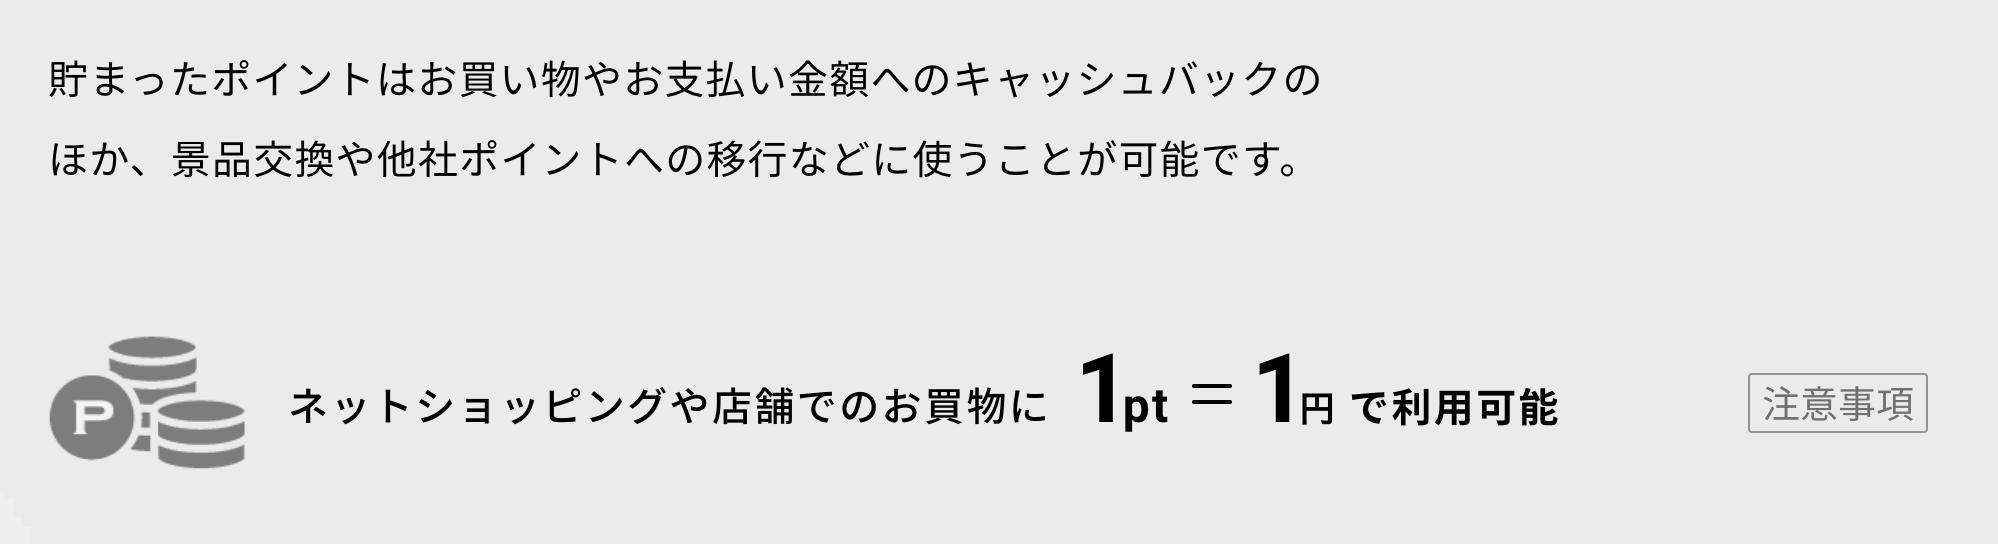 三井住友カード「PLATINUM PREFERRED(プラチナプリファード)」で貯められるポイント